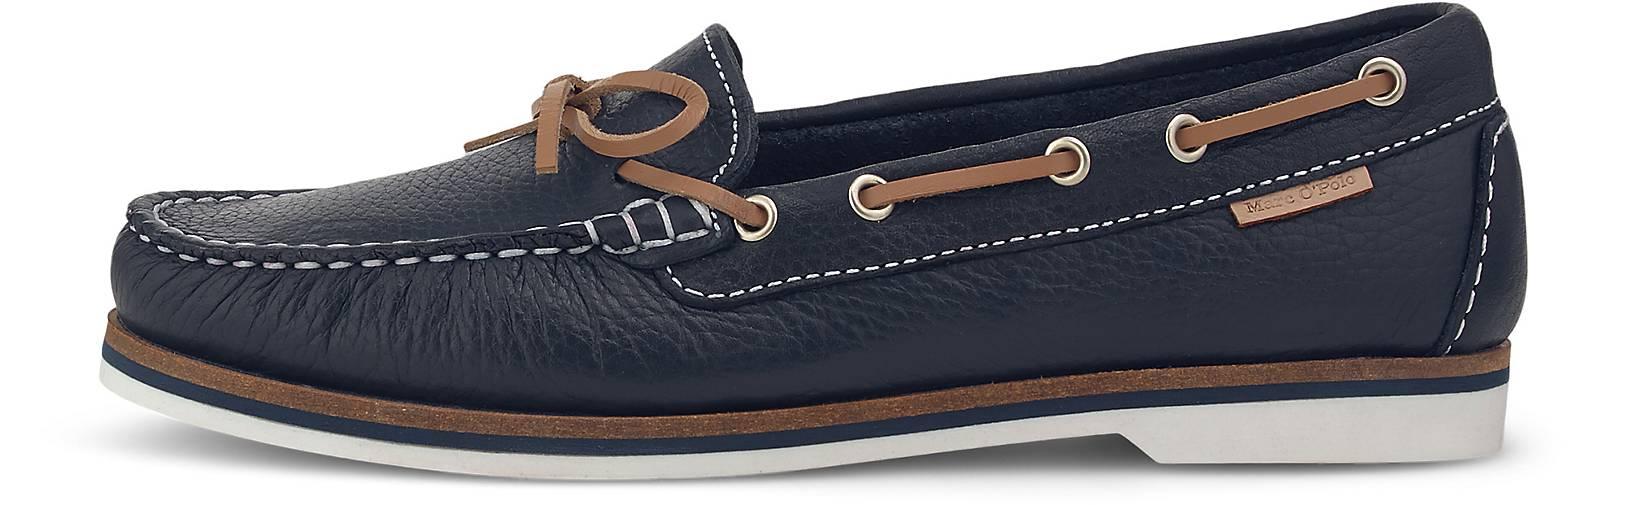 Marc O'Polo Segel-Schuh